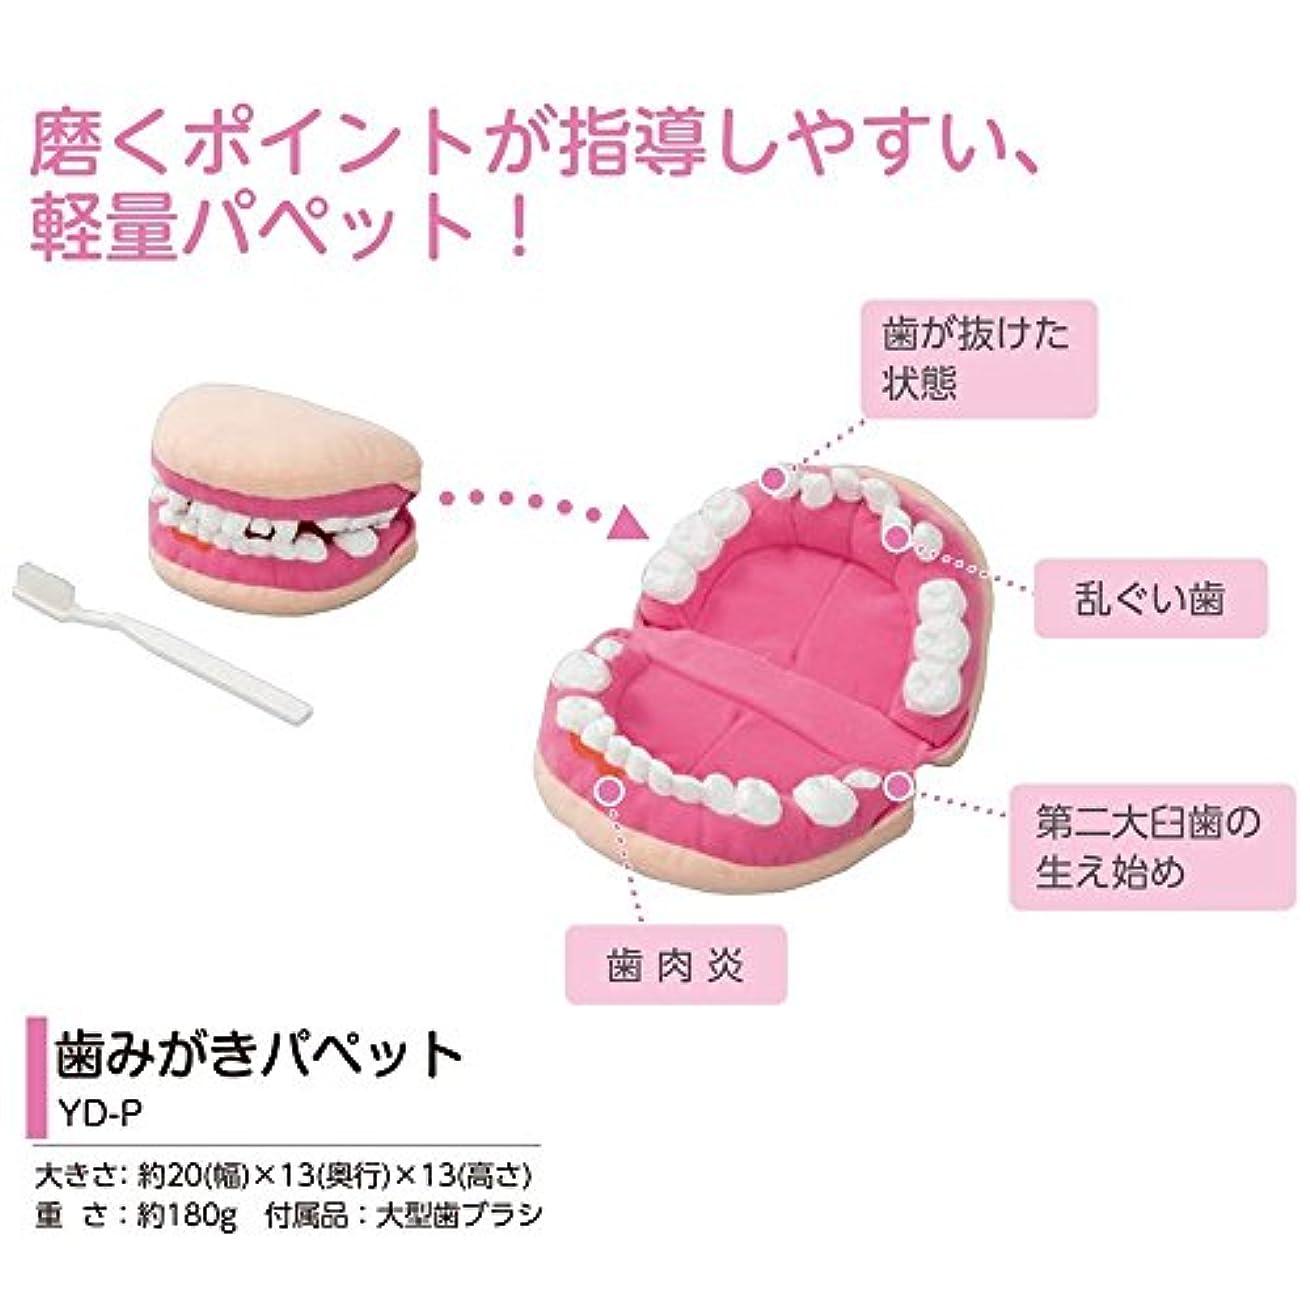 人里離れた堀スタッフ歯磨き指導用パペット YD-P 人形 ぬいぐるみ 歯みがきパペット